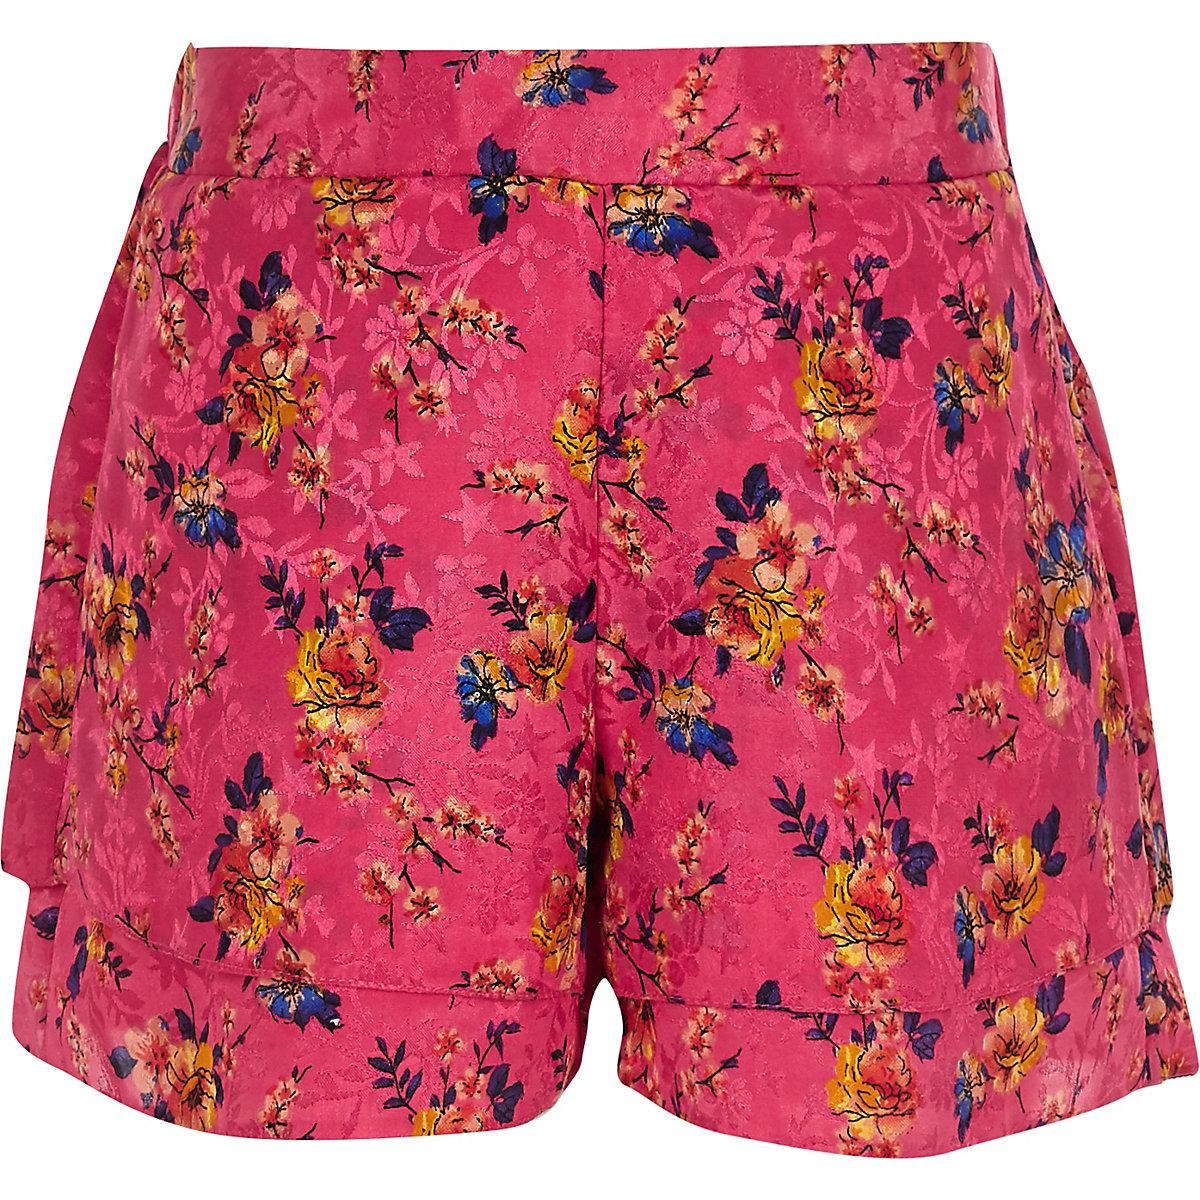 Pinke, geblümte Shorts